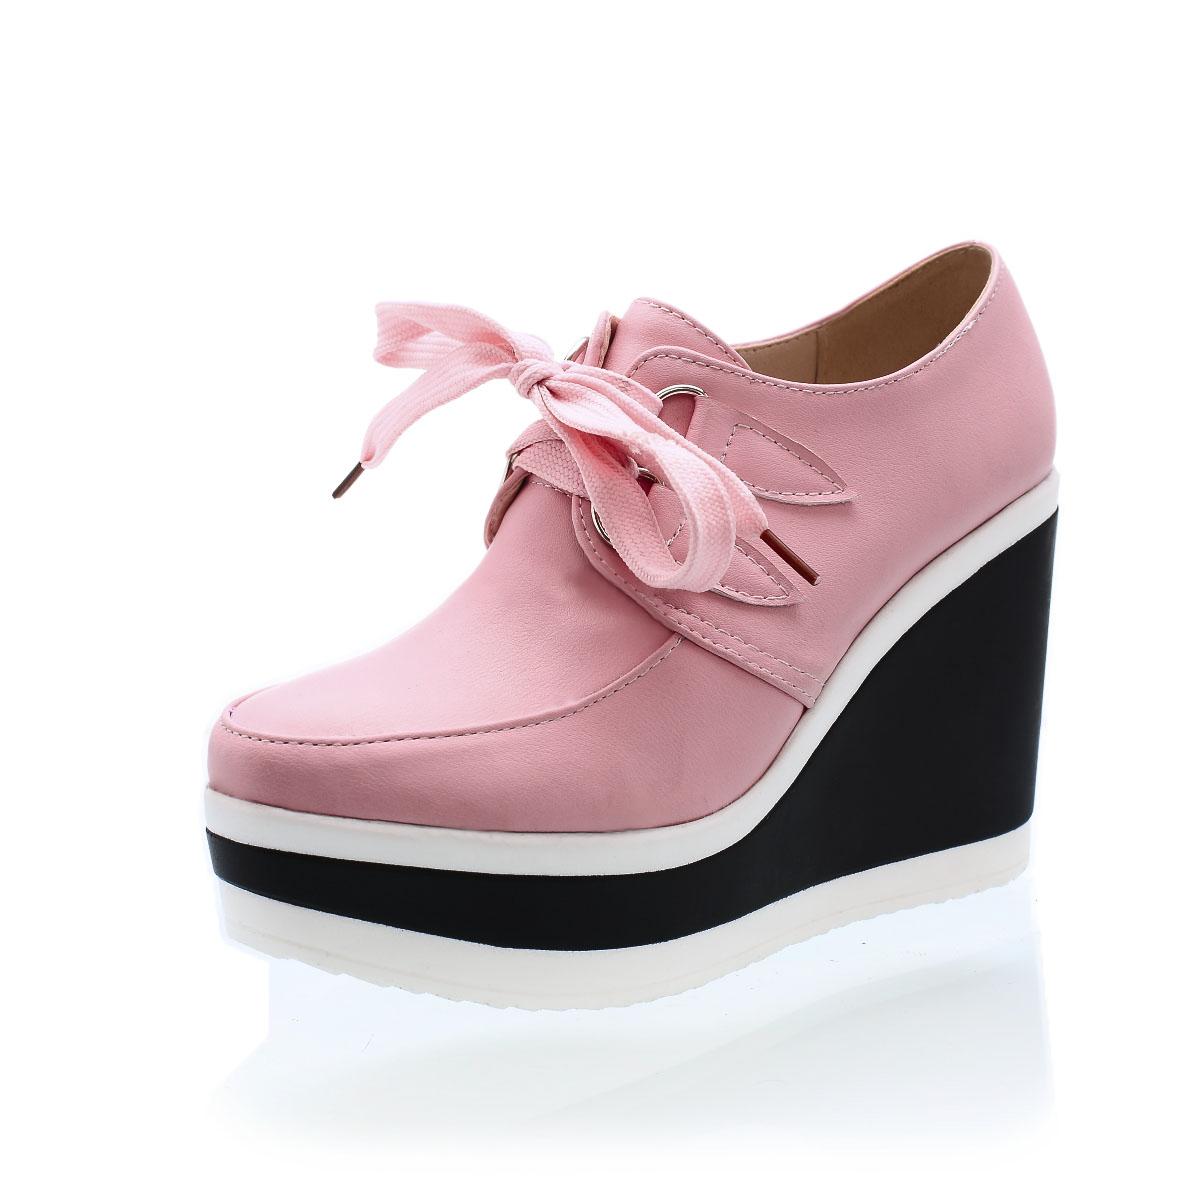 饶客/韩版甜美春季新品高跟坡跟系带单鞋防水台白色鞋子女鞋坡跟鞋